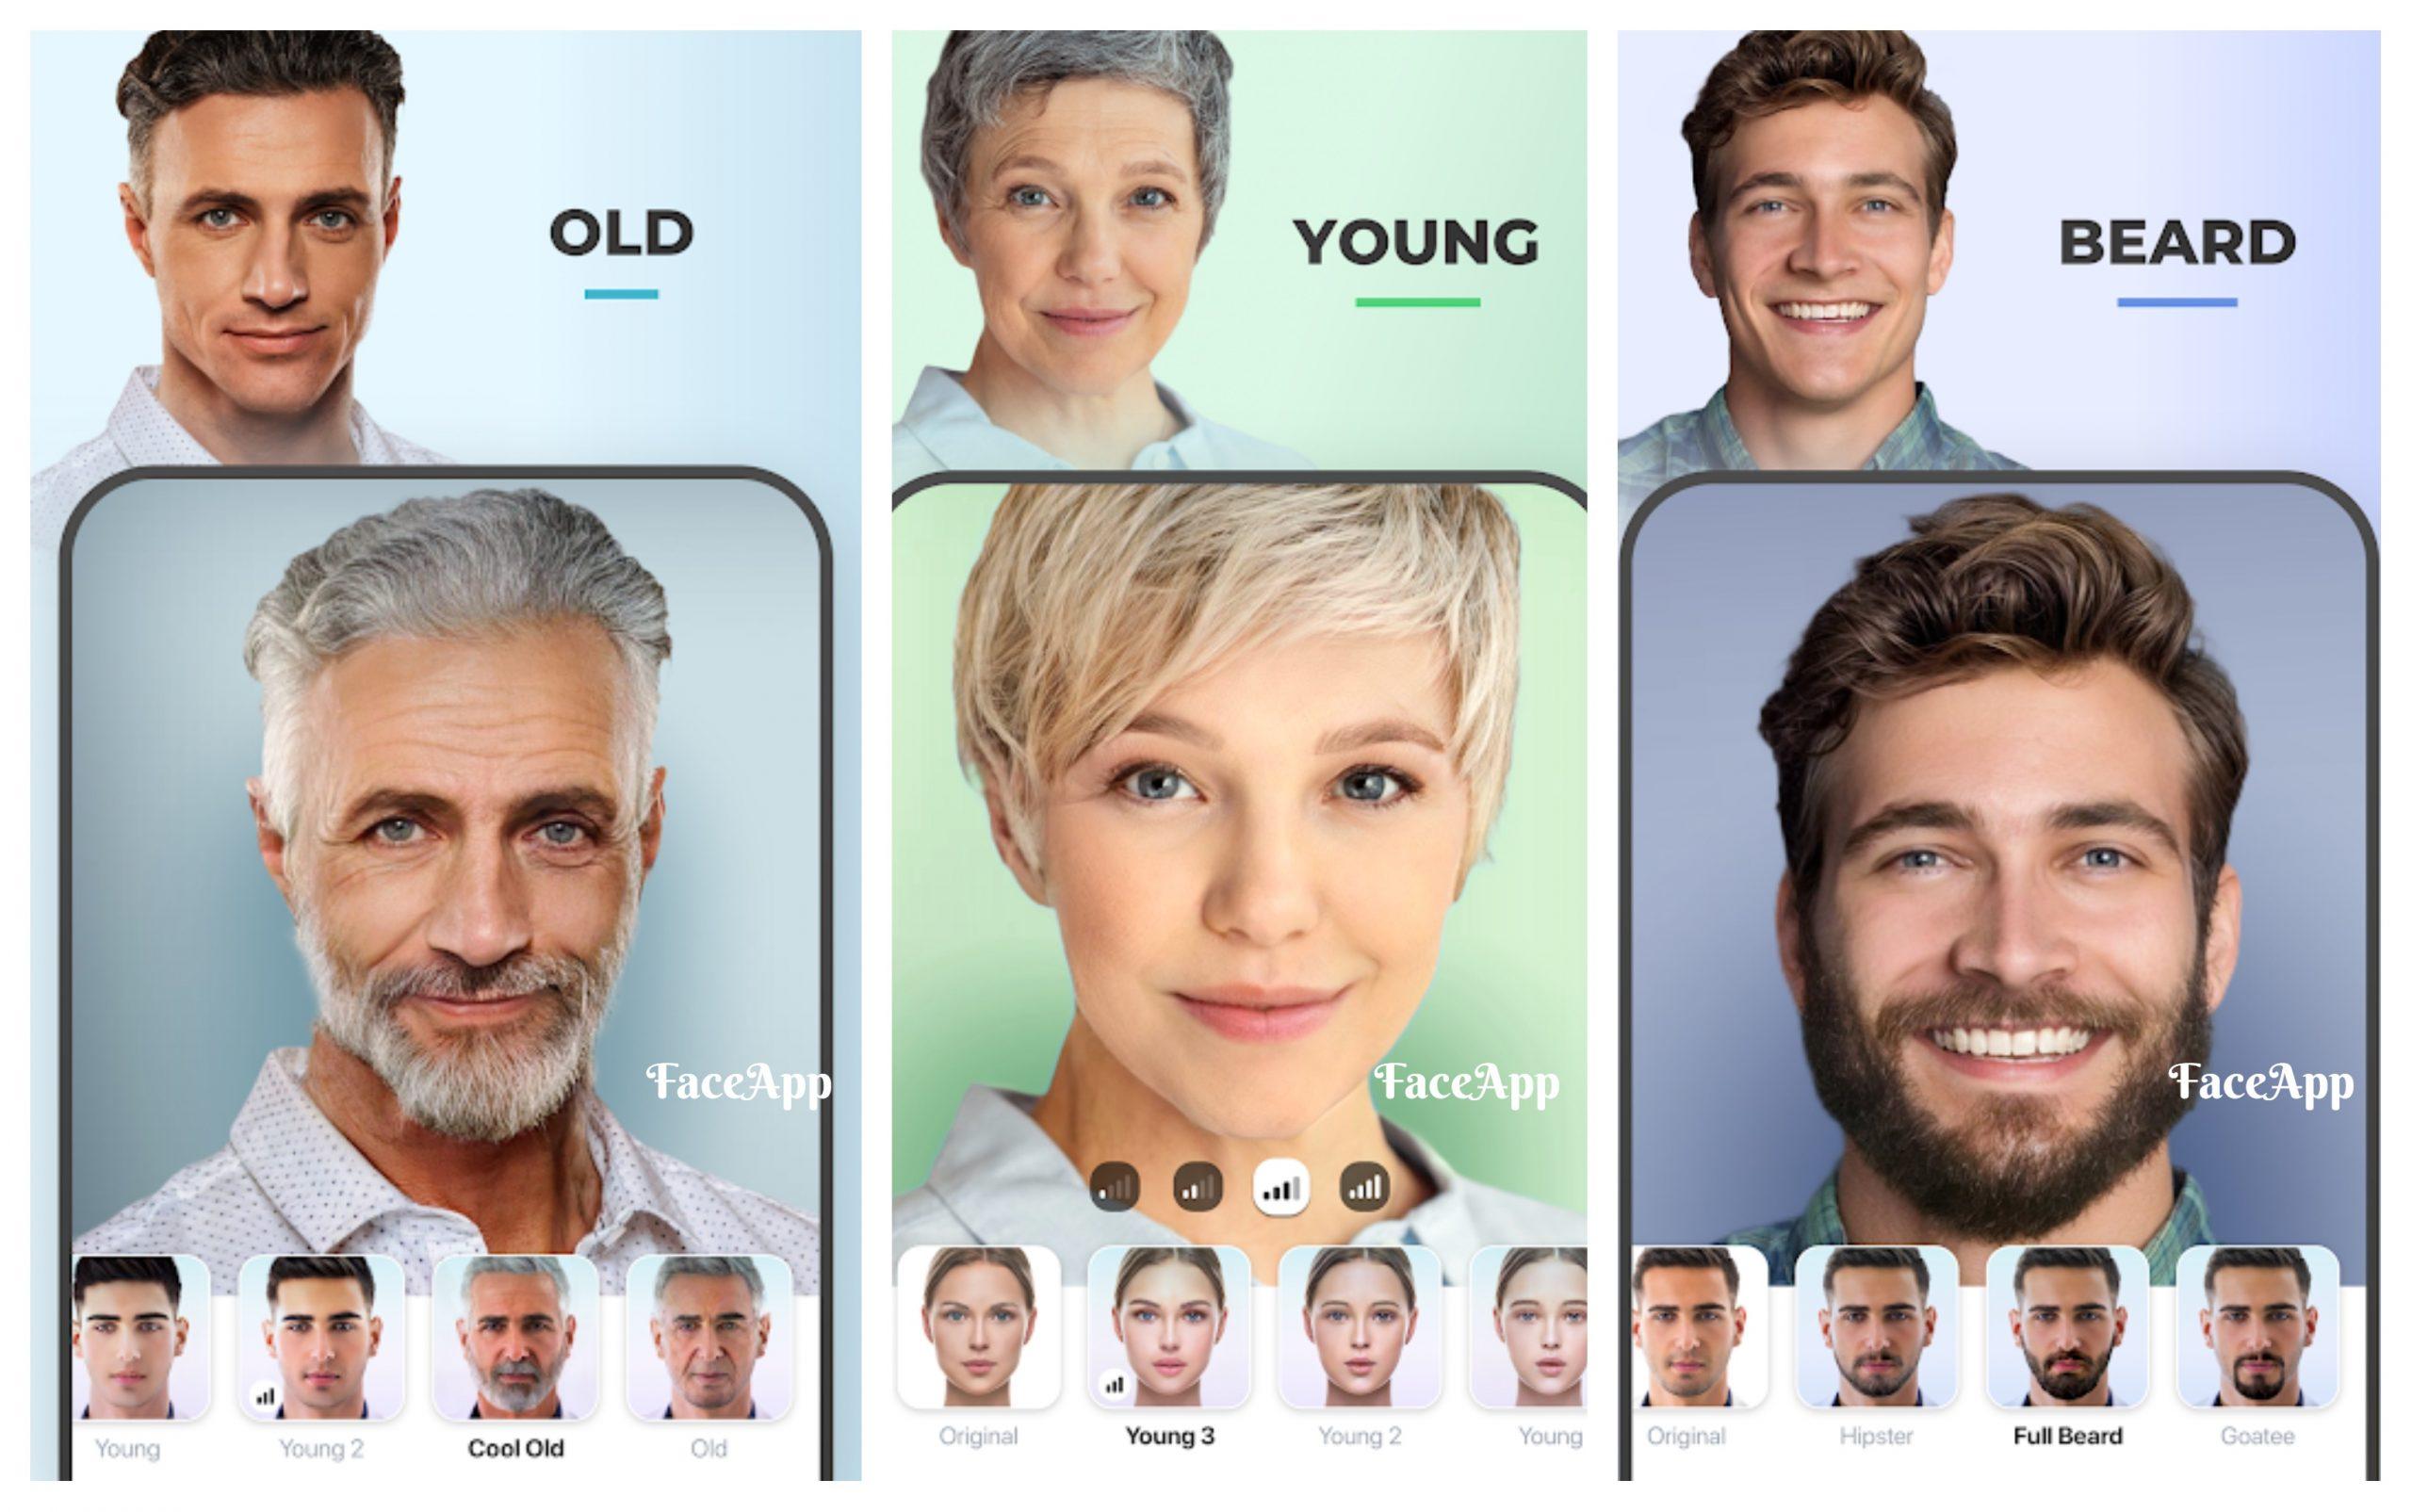 yaslandirma uygulamasi faceapp indir